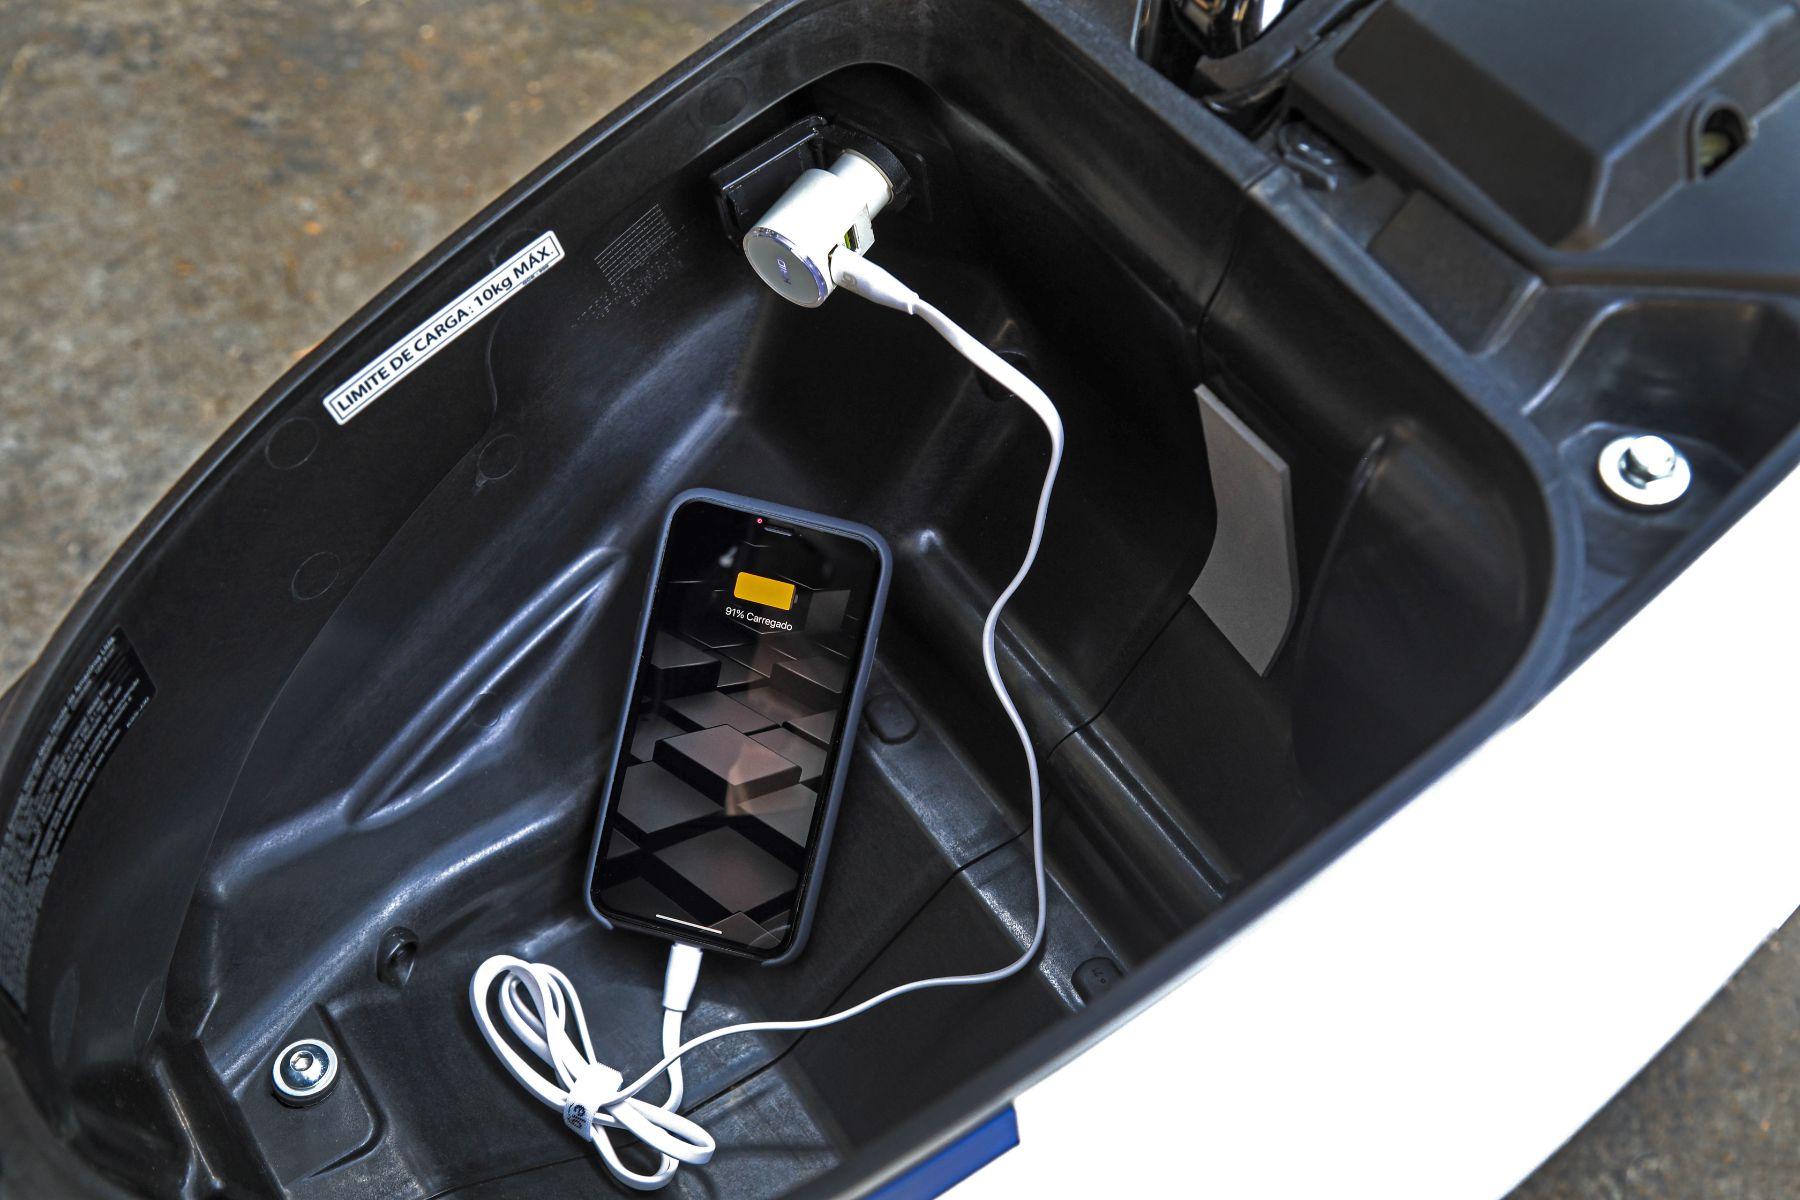 honda biz 125 bau tomada 12v carregando celular